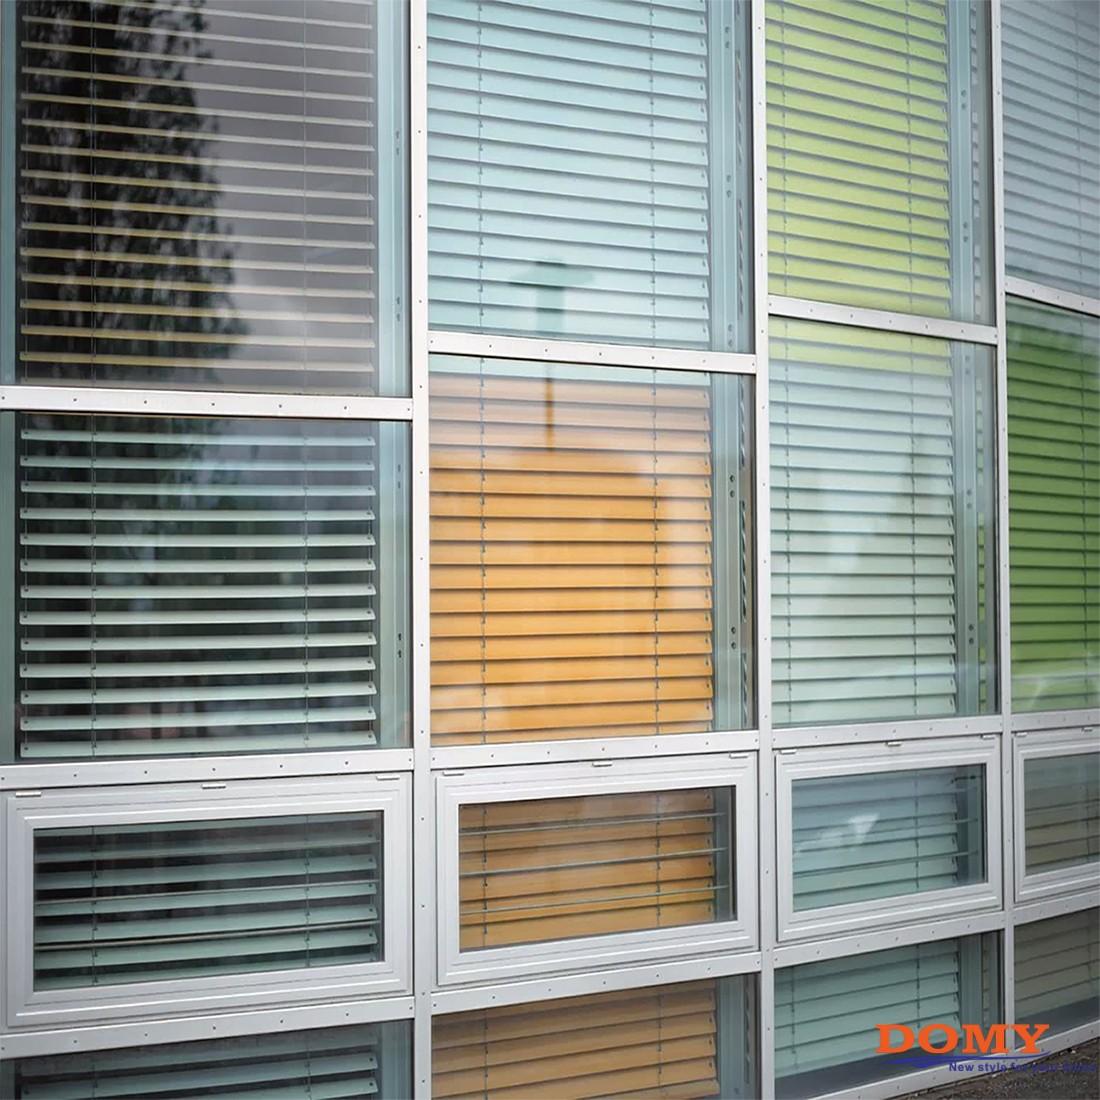 màn cửa chống nắng (4)